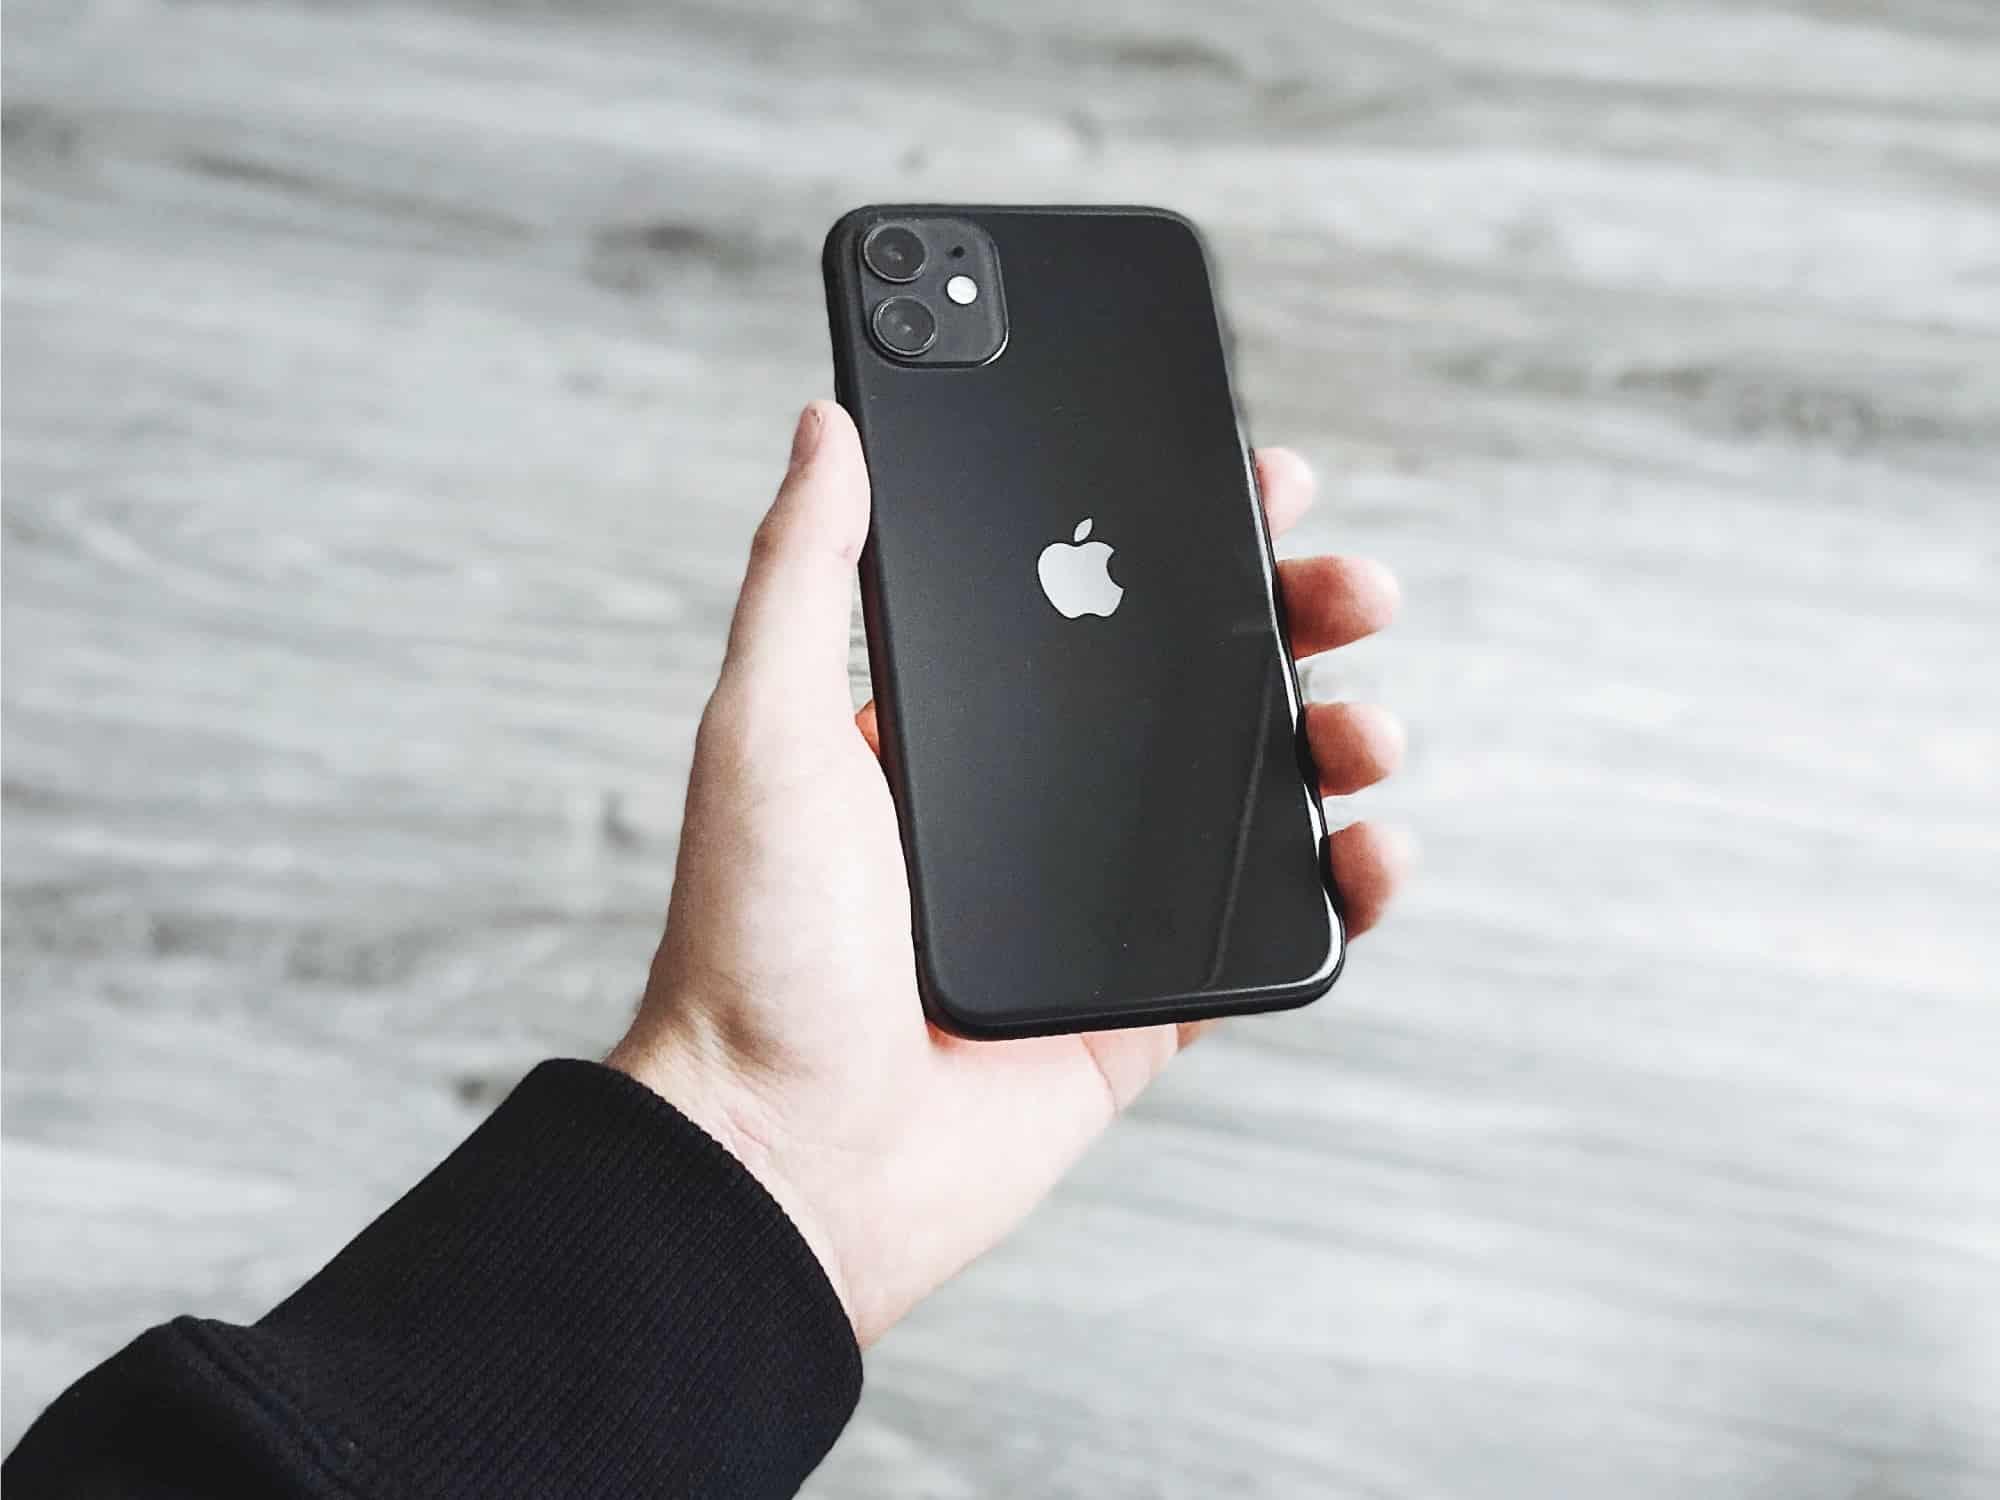 Comment utiliser un iPhone?